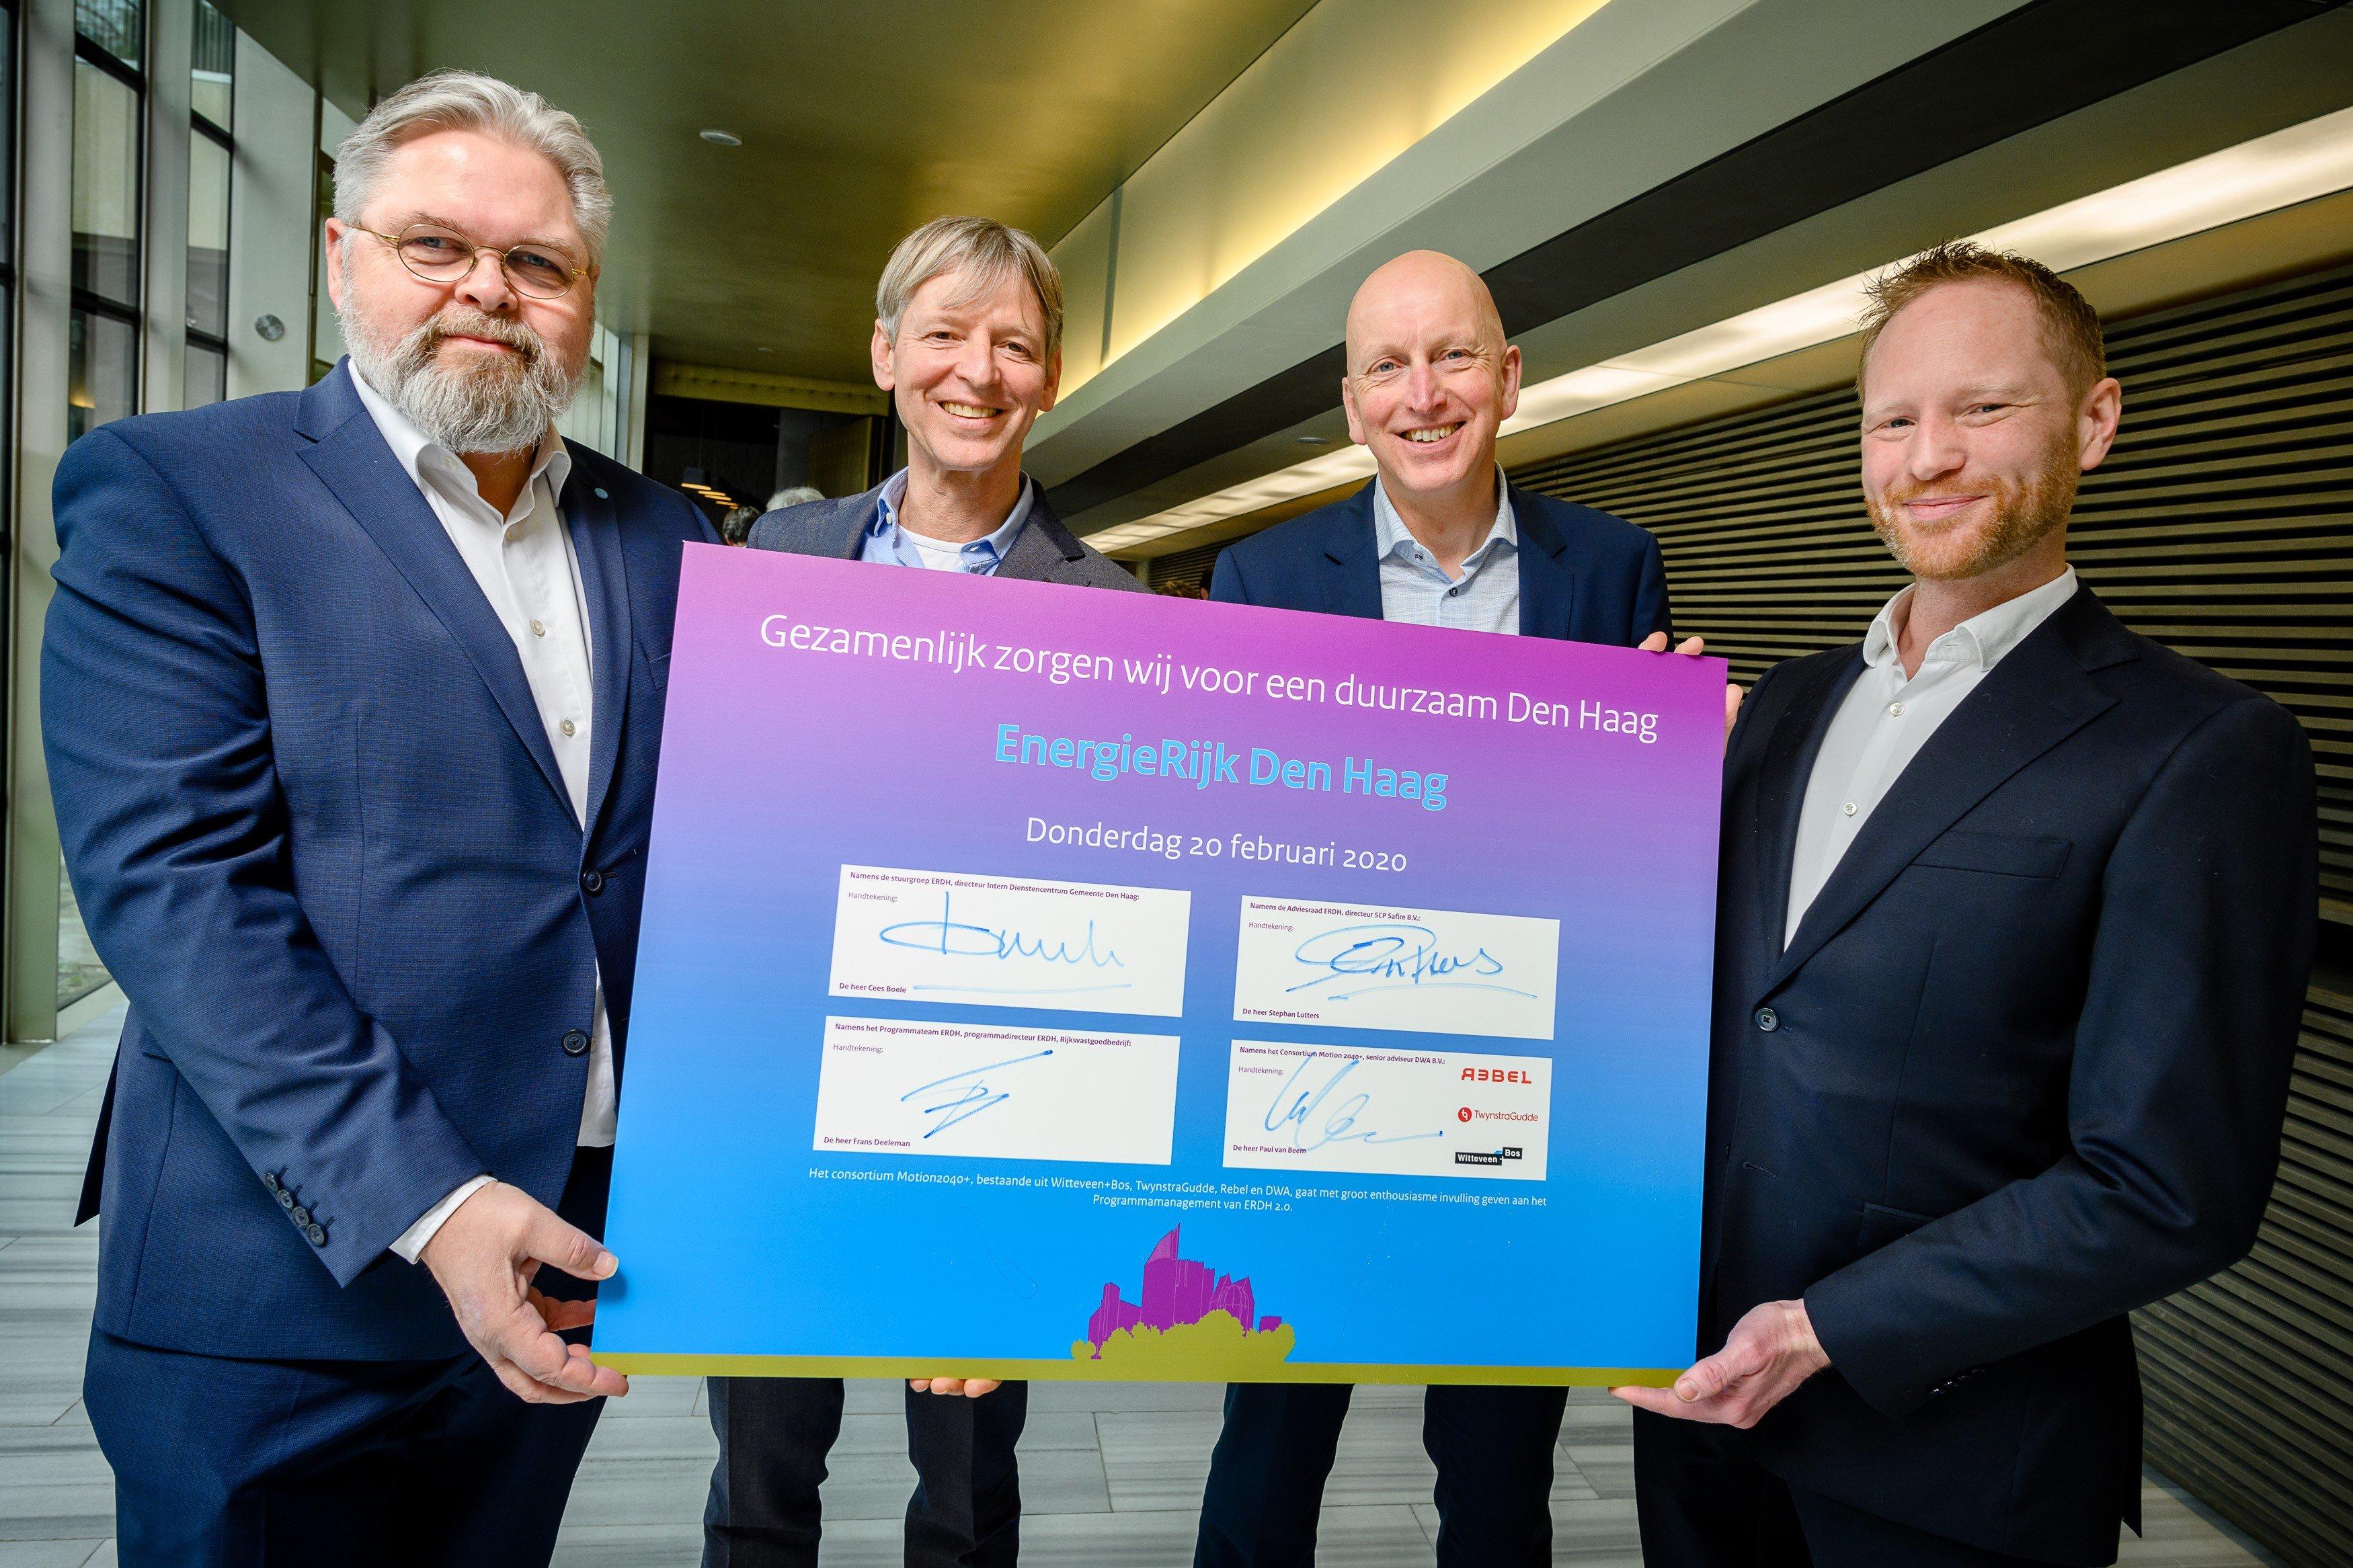 Ondertekening EnergieRijk Den Haag en Motion 2040+_1